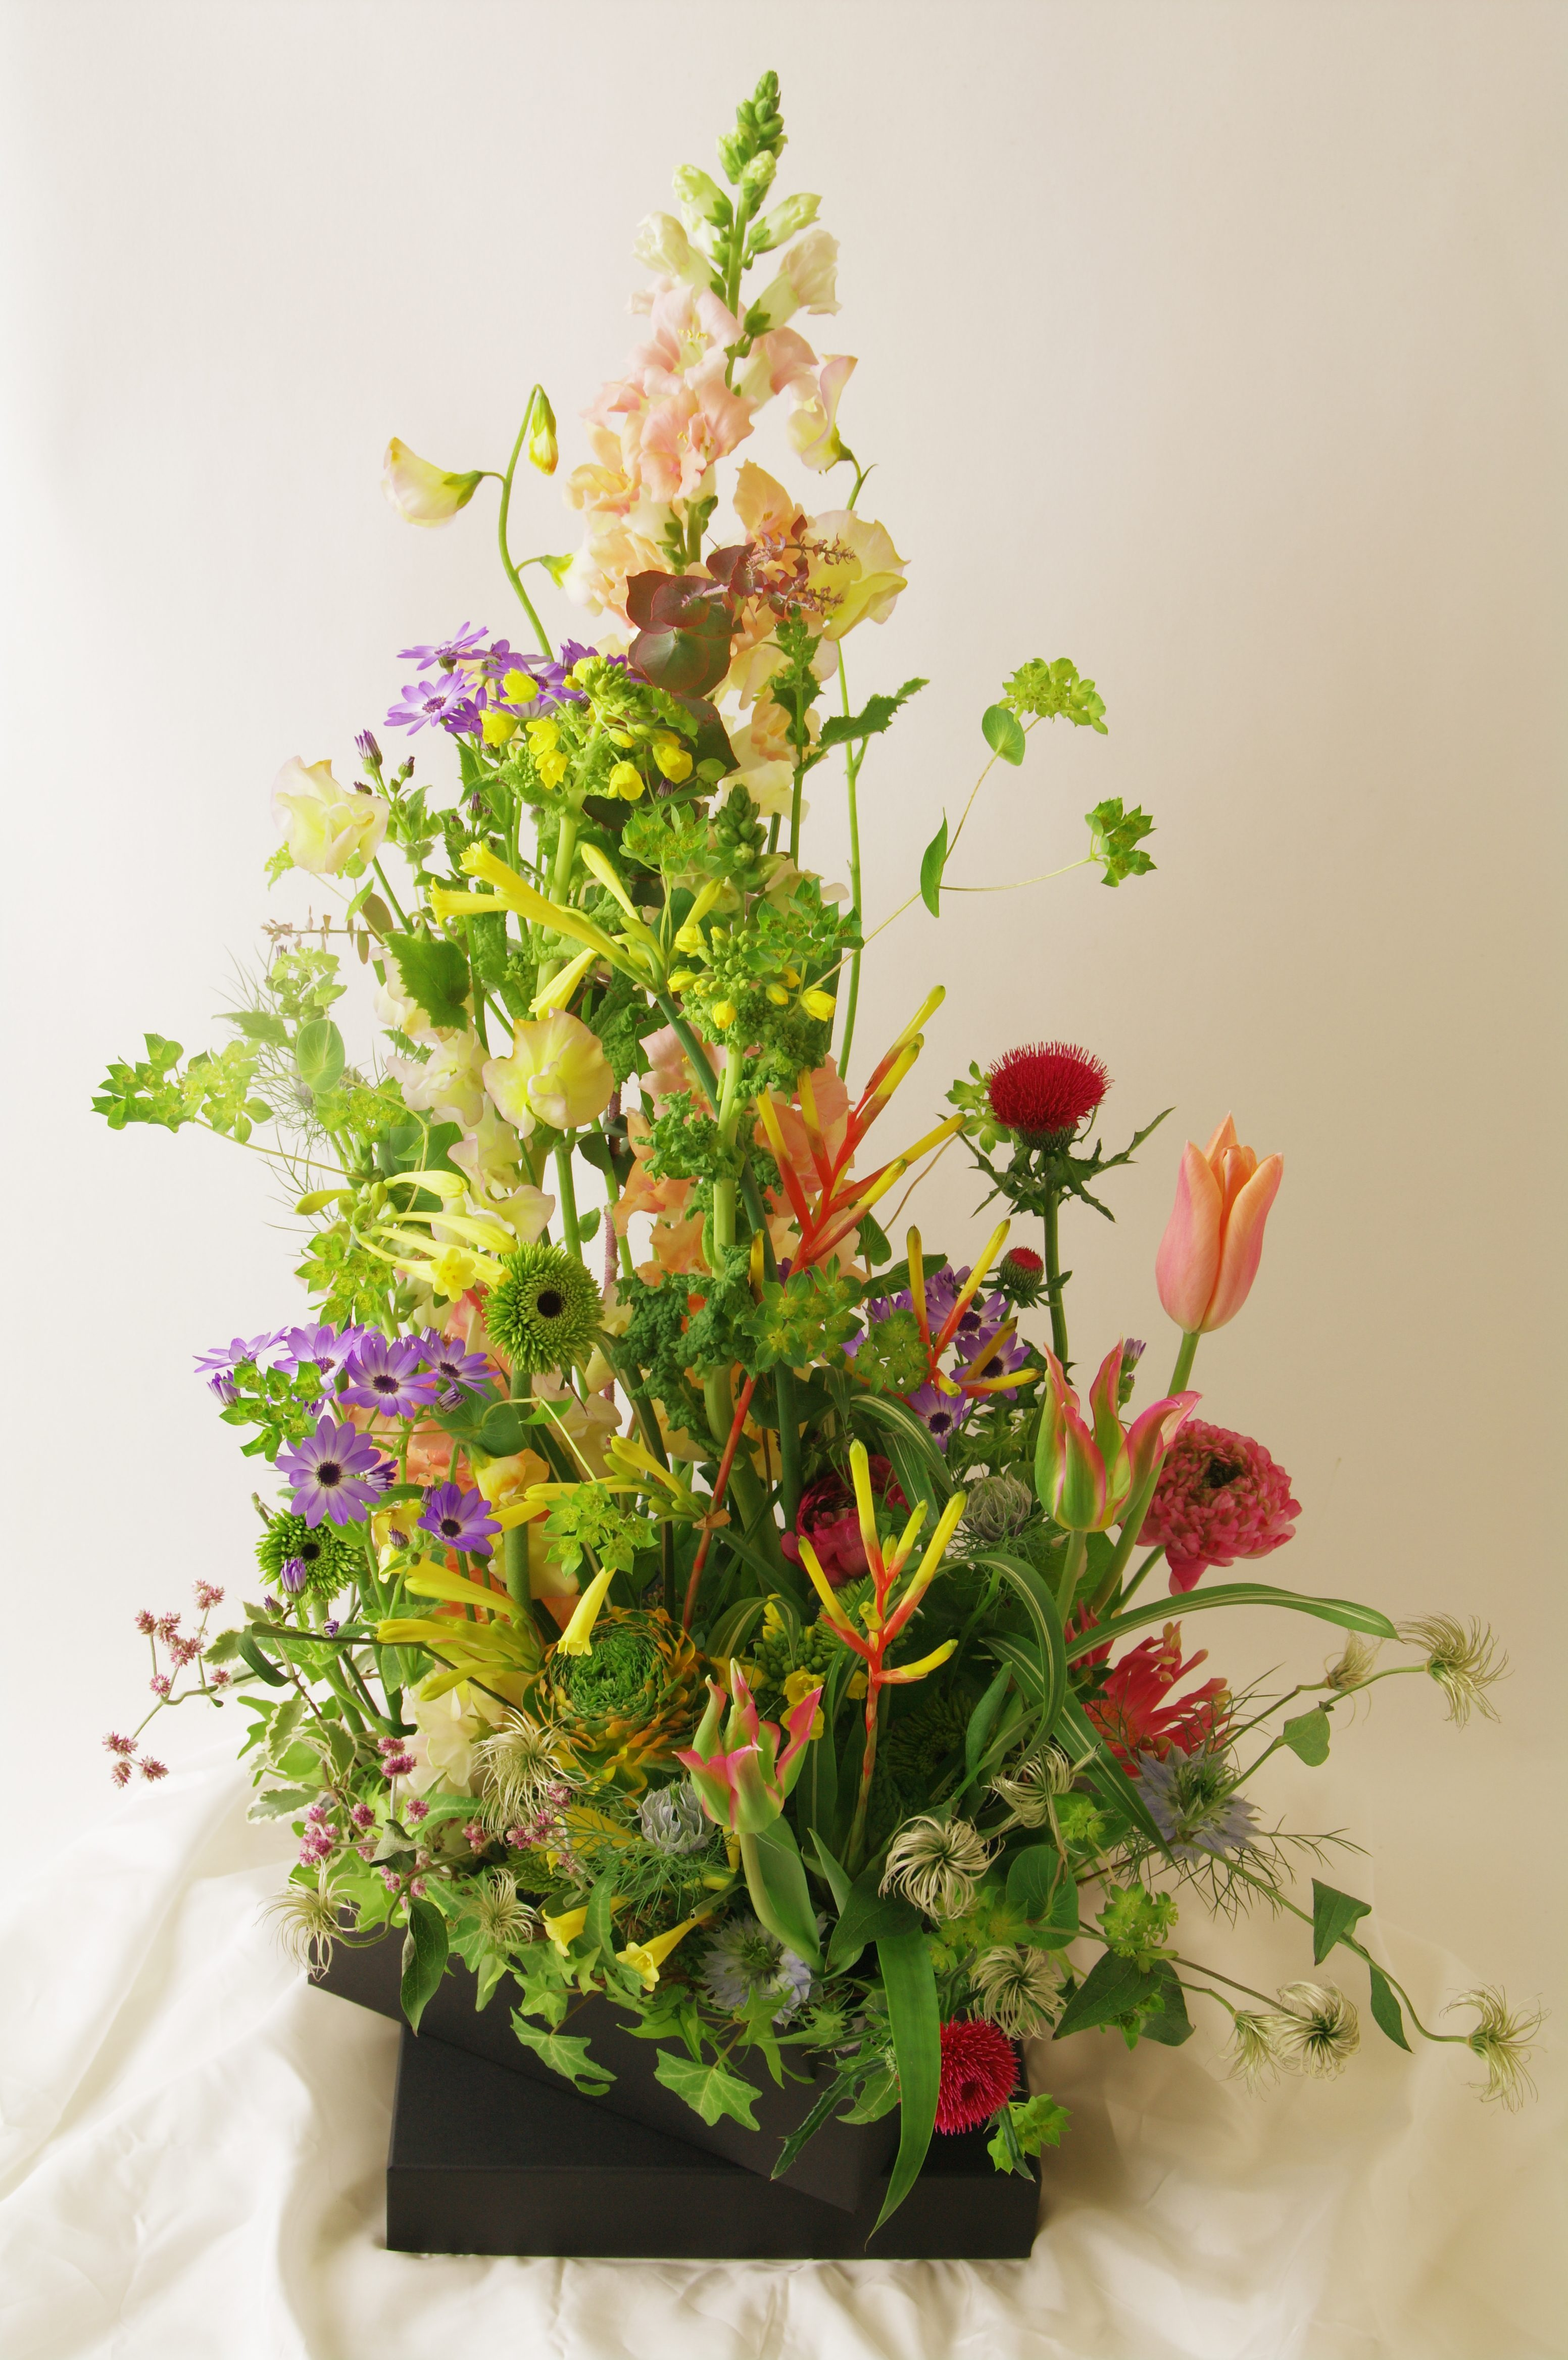 見ていて幸せになる花活けをお届けします。